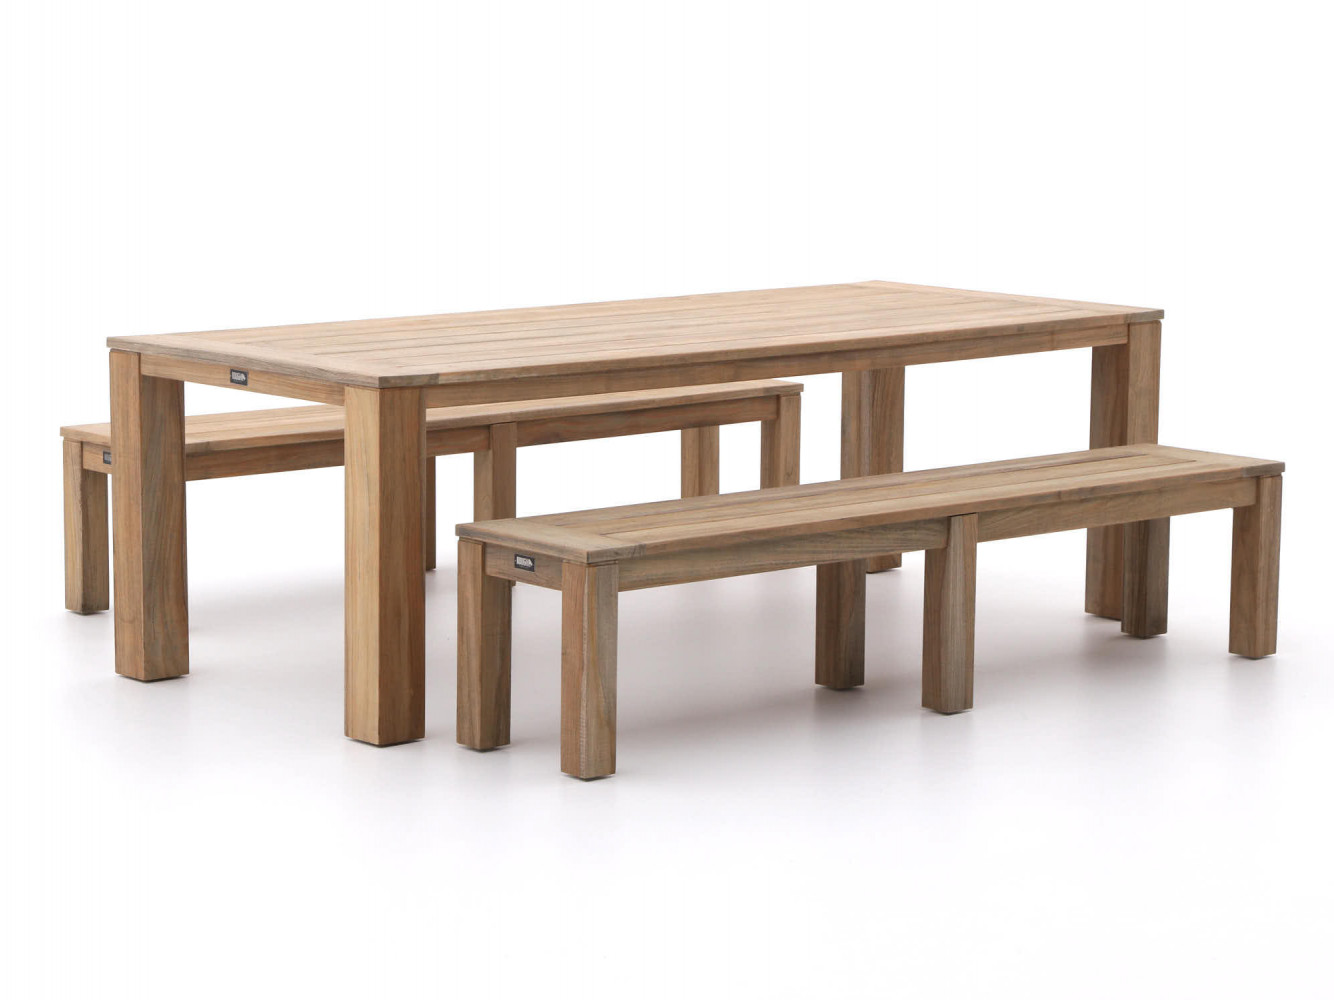 8 Persoons Tafel : Ronde eettafel voor personen voor grote ronde tafel huis decor